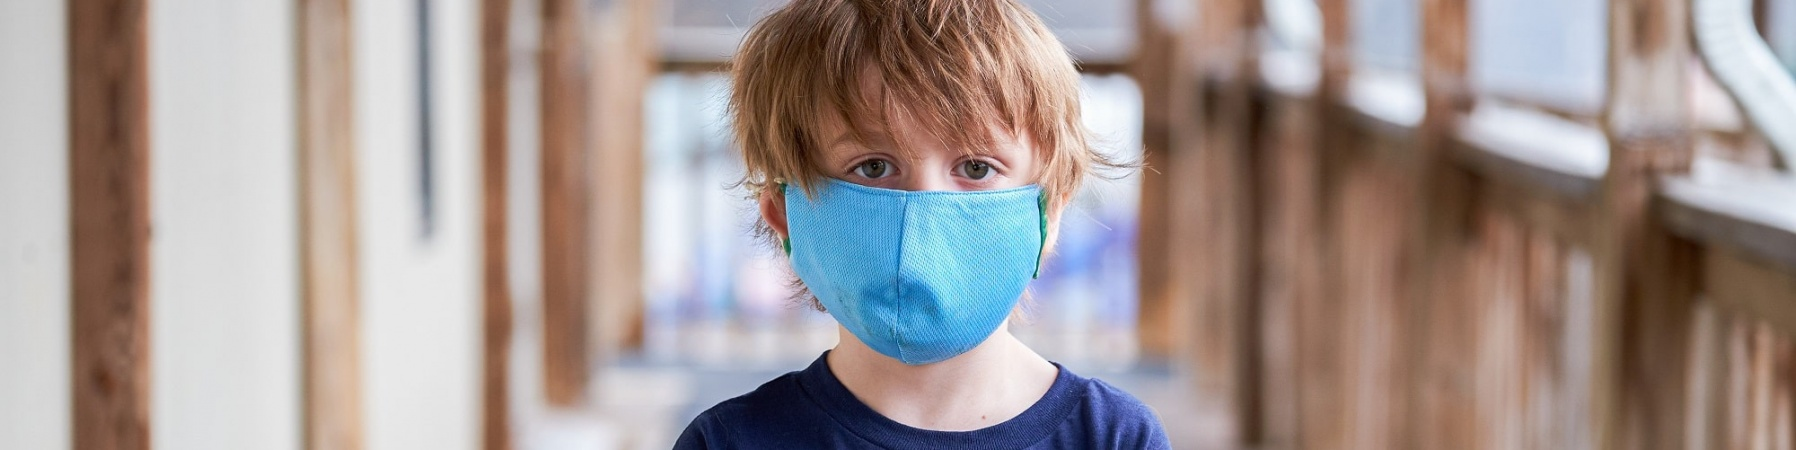 bambino con mascherina in piedi con le braccia conserte guarda in camera